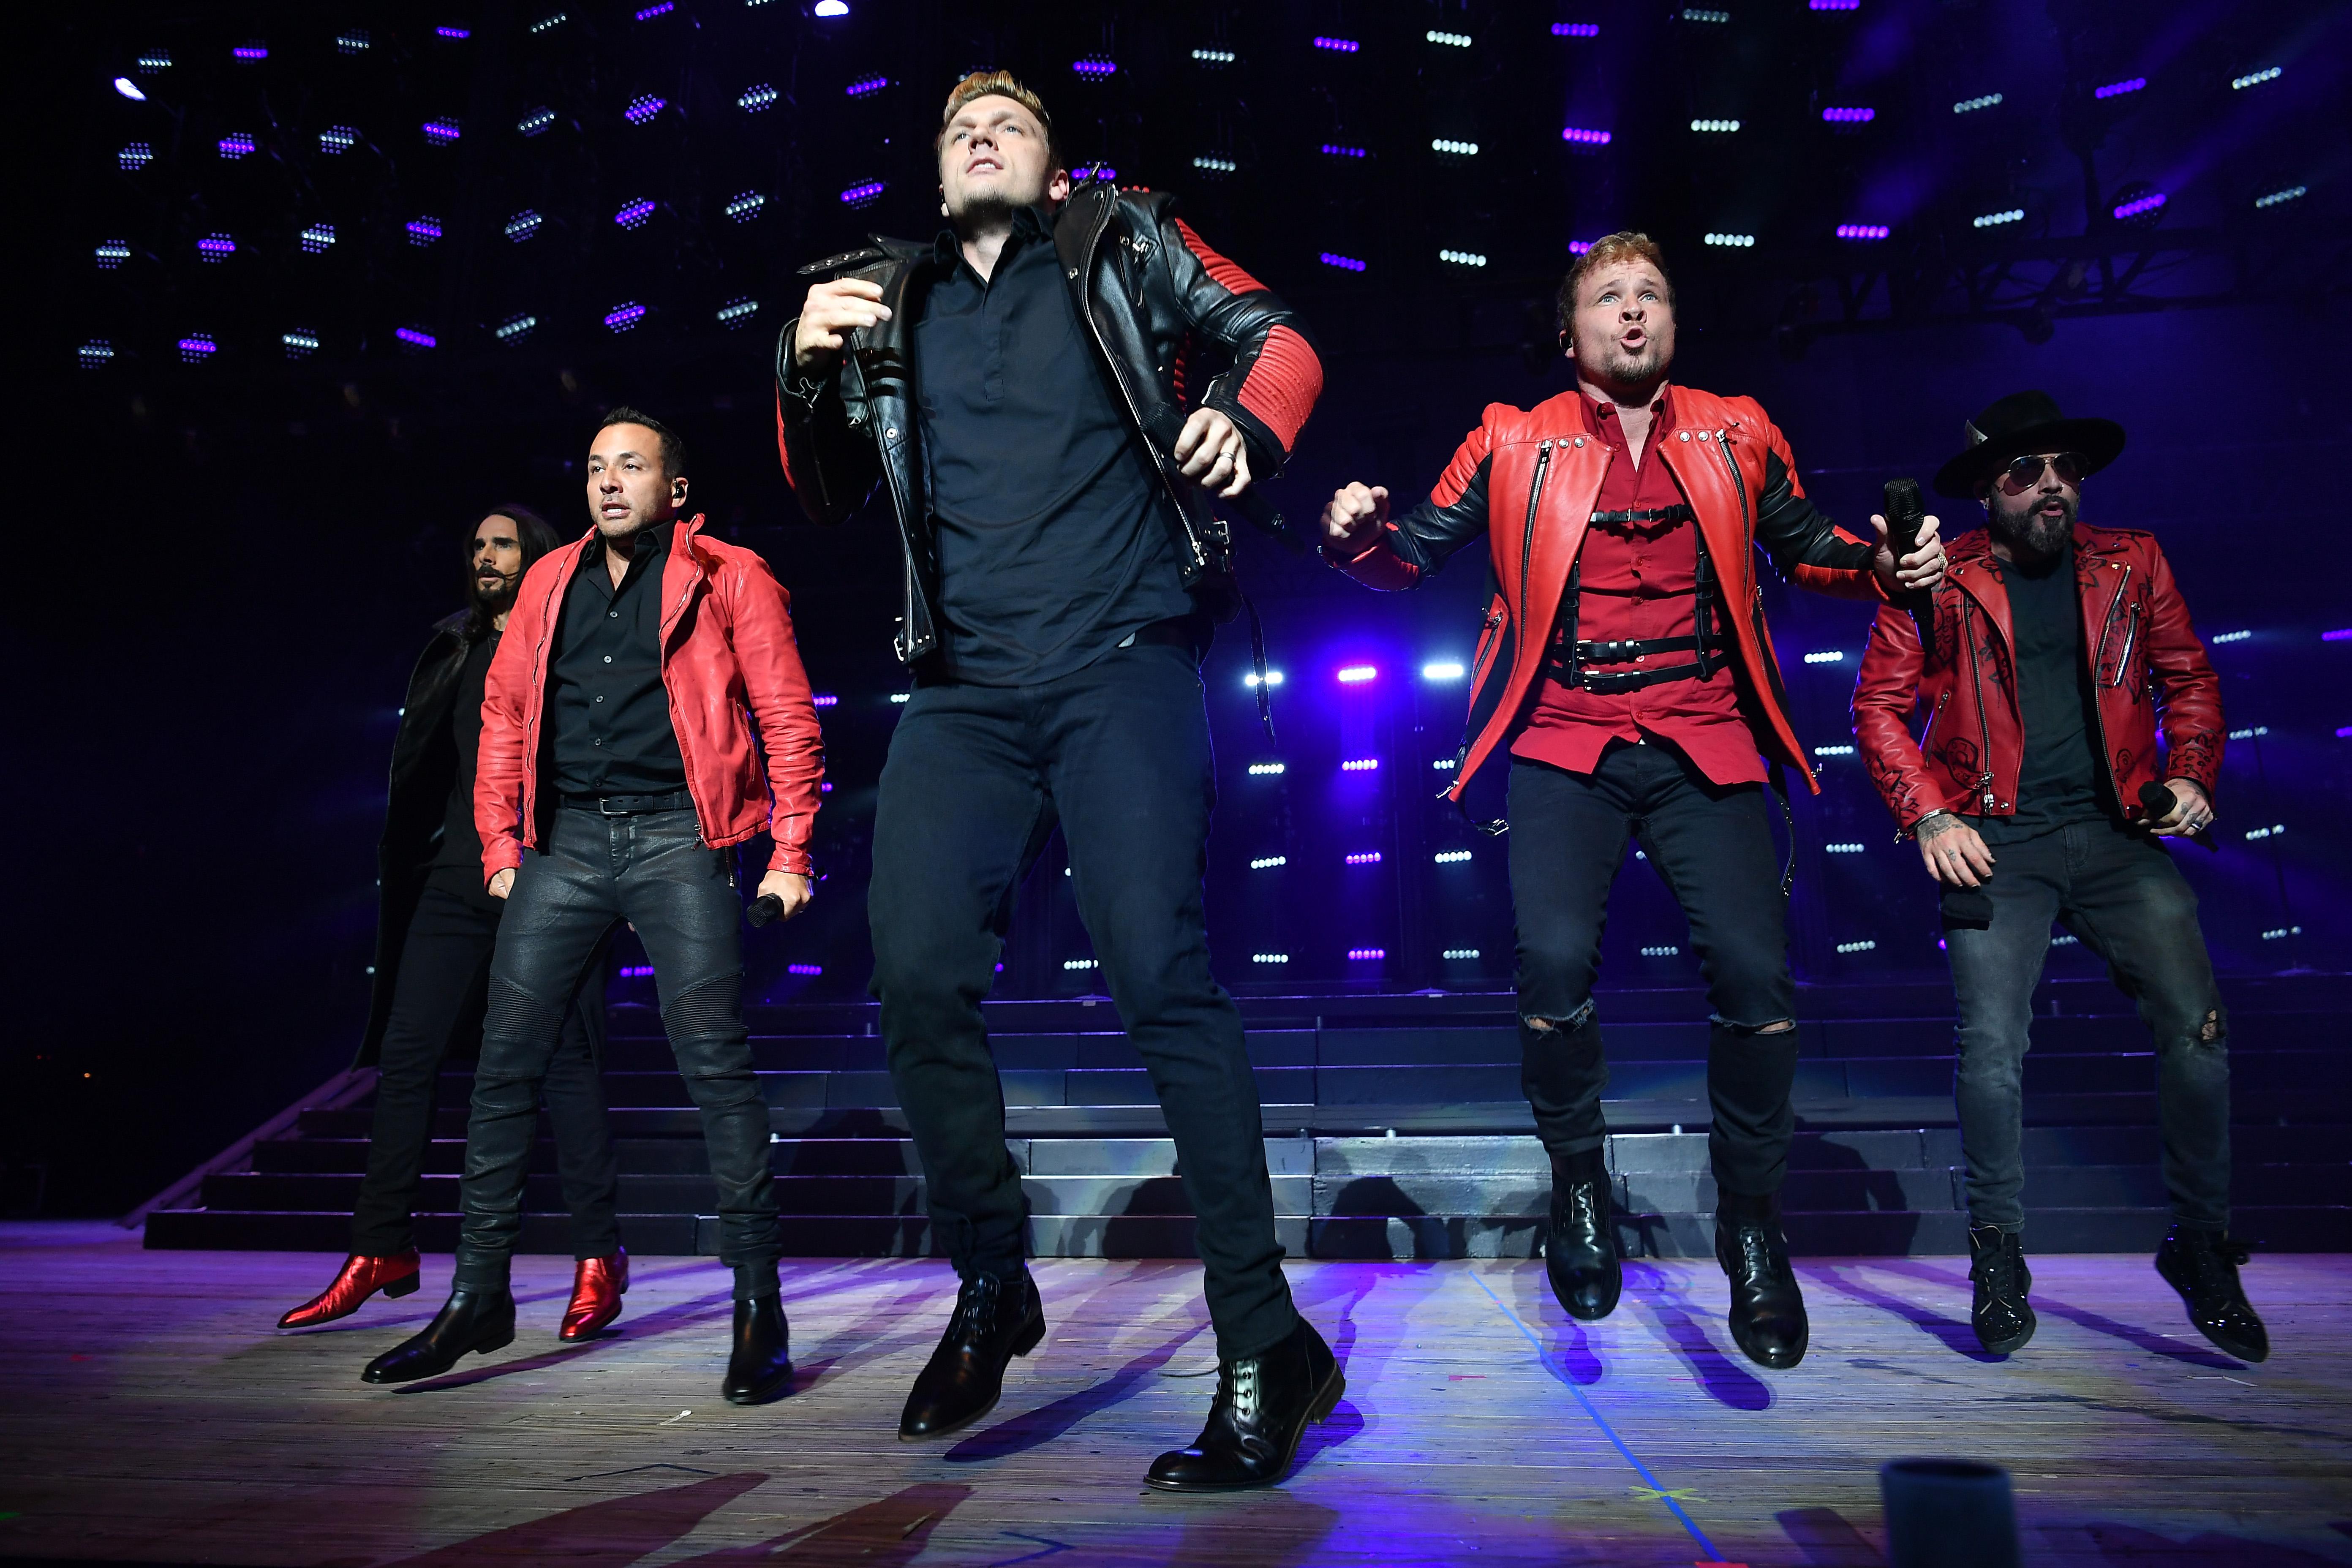 Tényleg akkora Backstreet Boys-rajongó vagy, mint mondod?